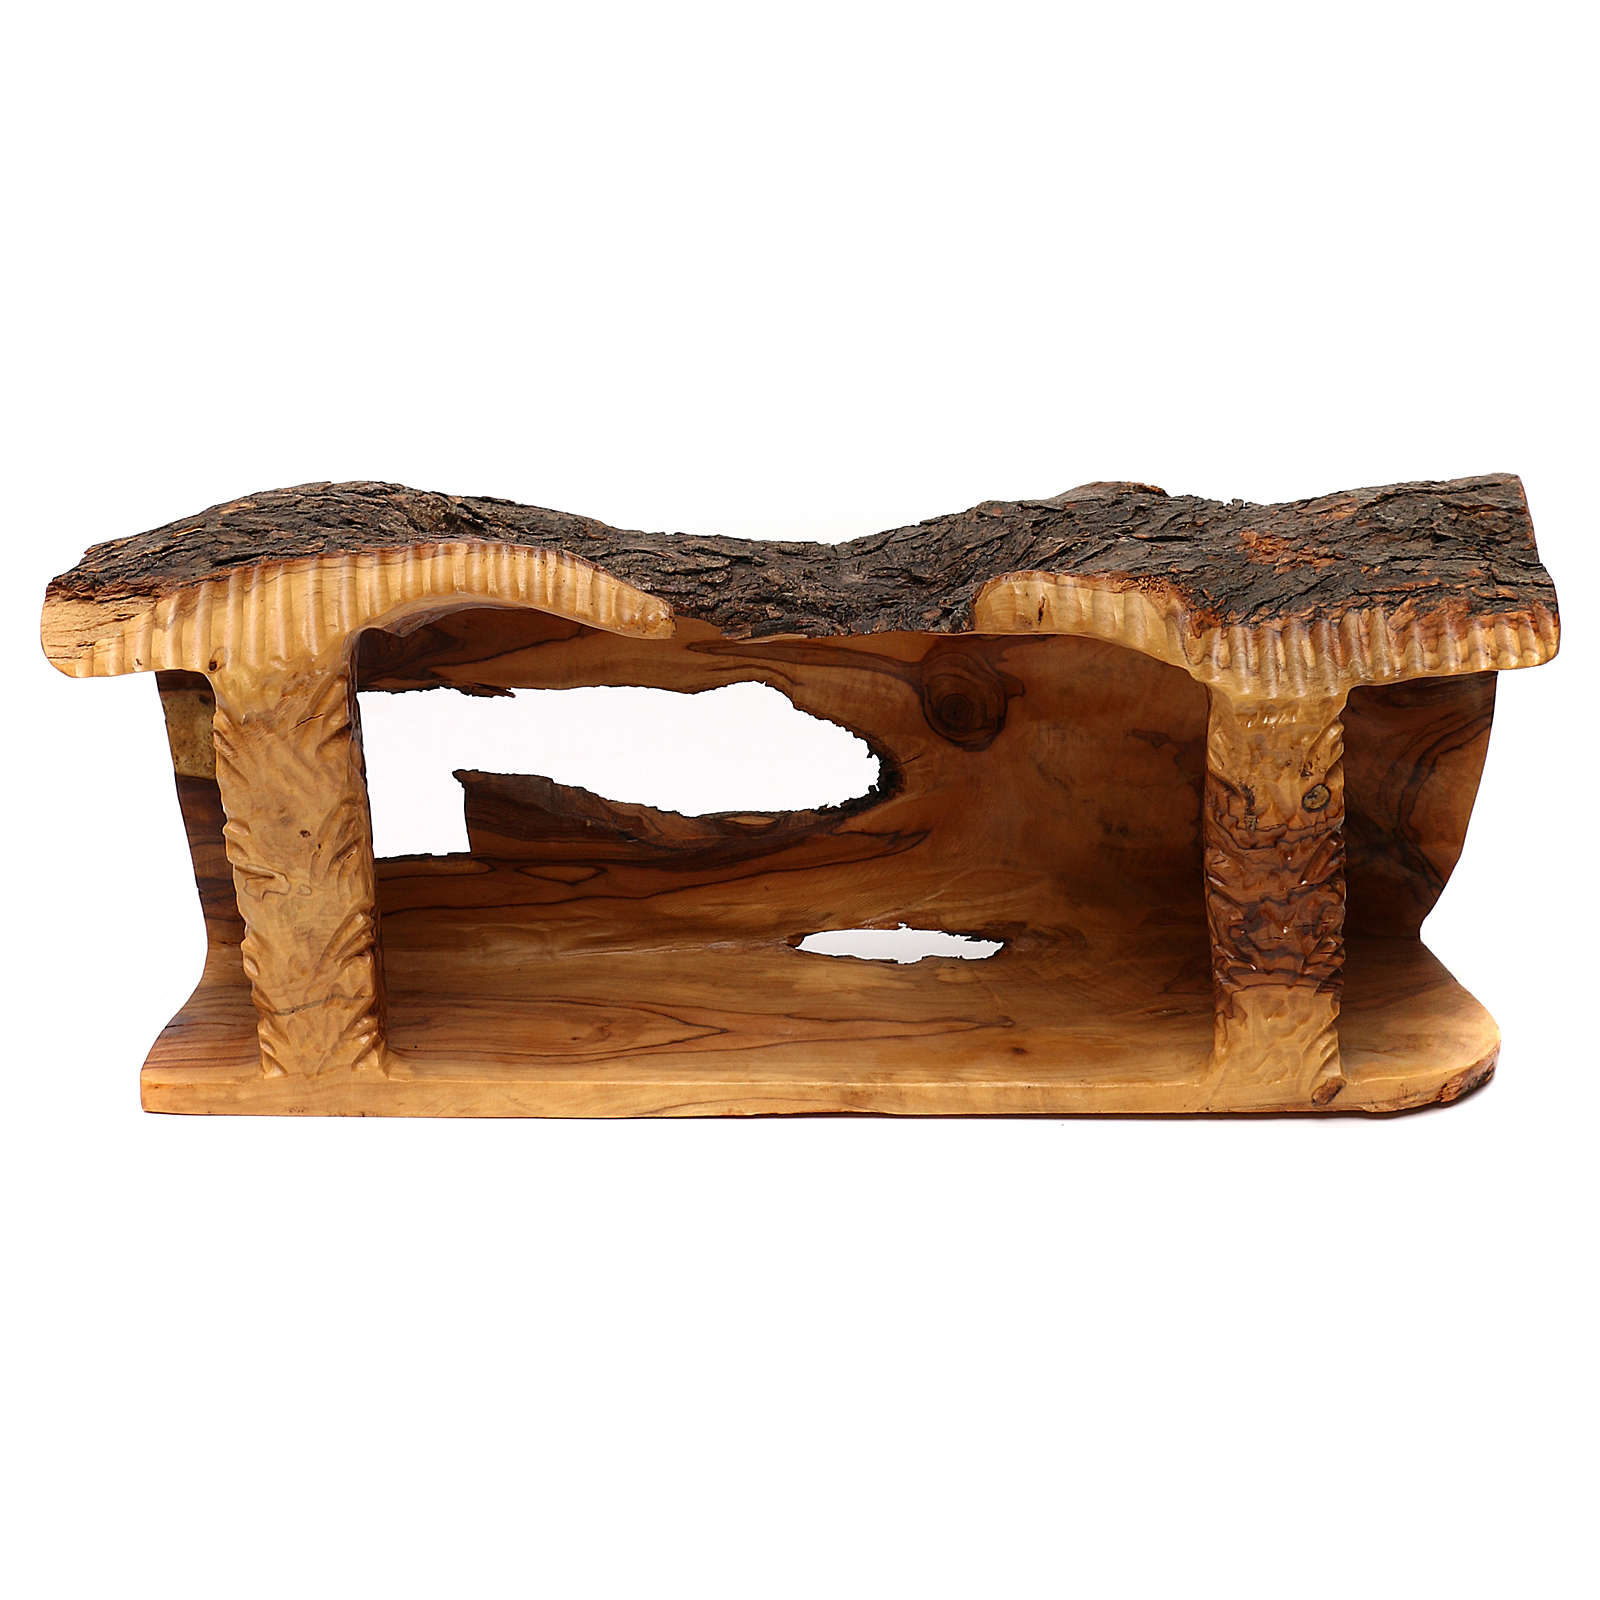 Cabaña con belén de madera de olivo Belén 20x50x15 cm 4